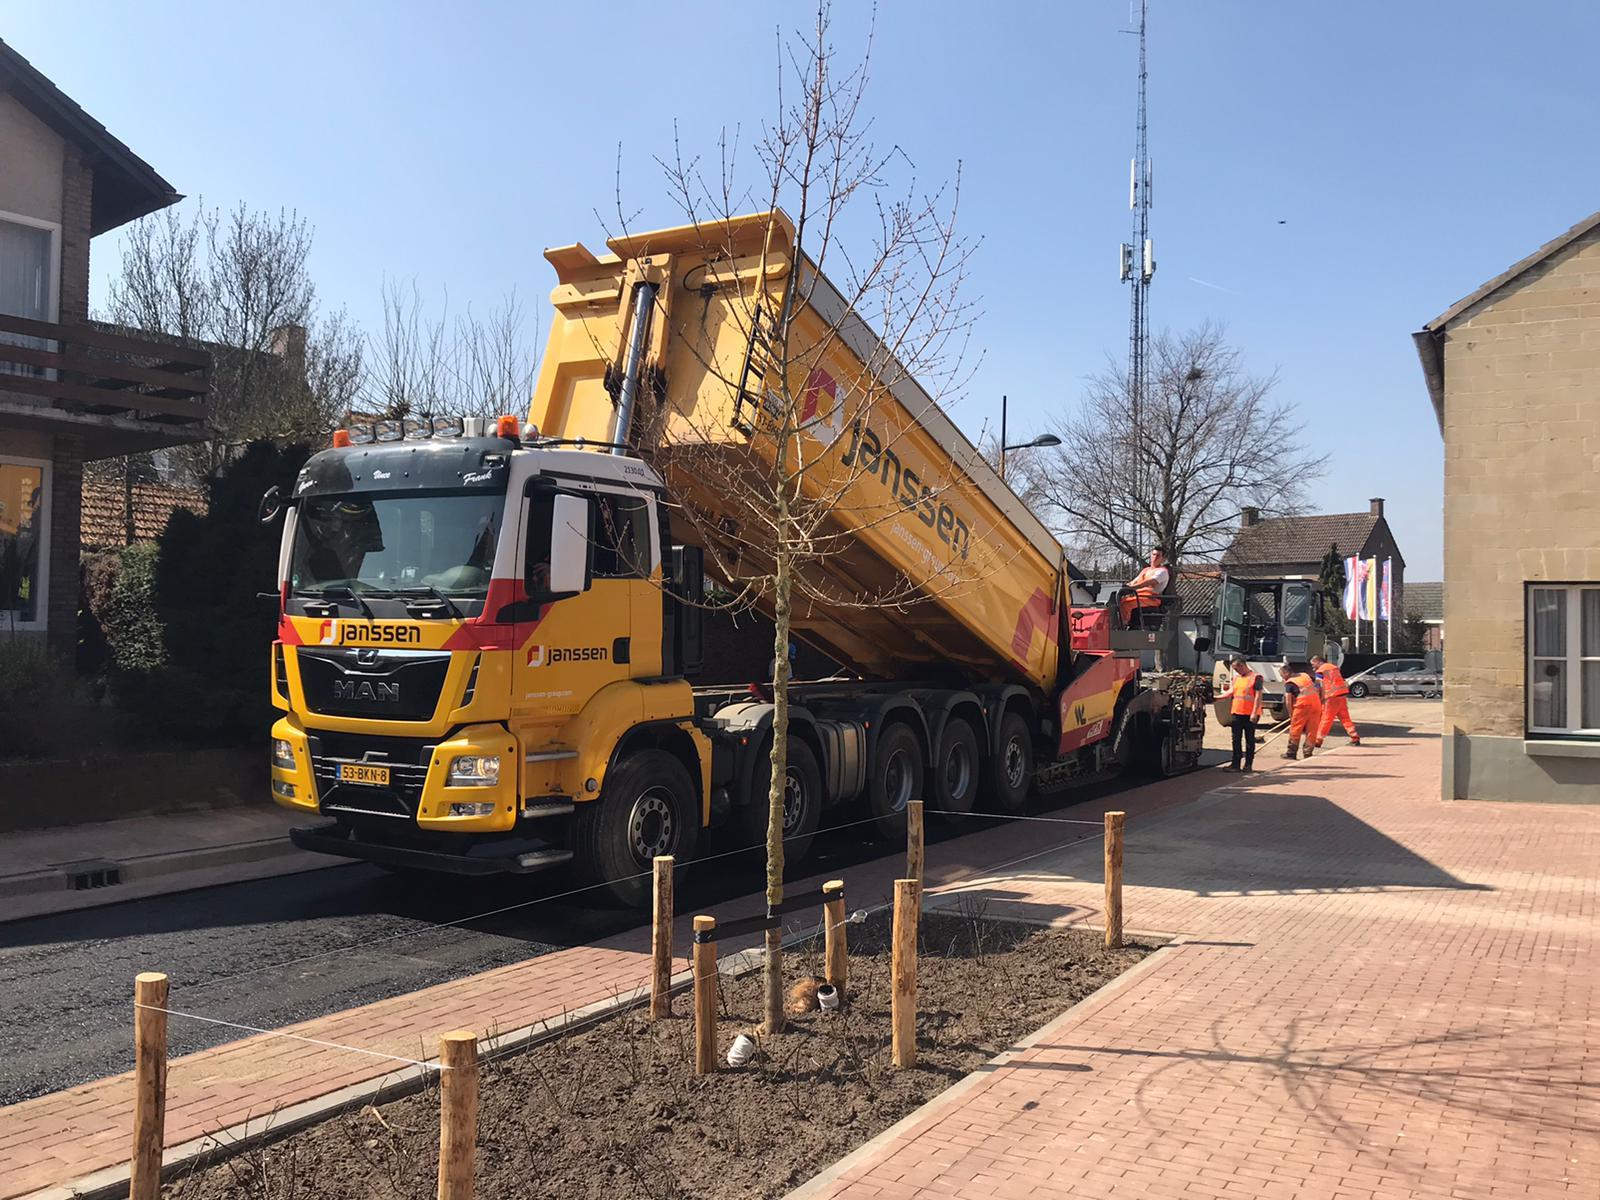 Van-APK-Wegenbouw-hebben-wij-het-meerjarig-contract--gekregen-voor-het-asfalttransport-en-het-vervoer-van-hun-asfaltsets-nieuwe-Scania-8x4-kraanauto-met-dieplader-en-de-nieuwe-MAN-10-4-17-4-2020-